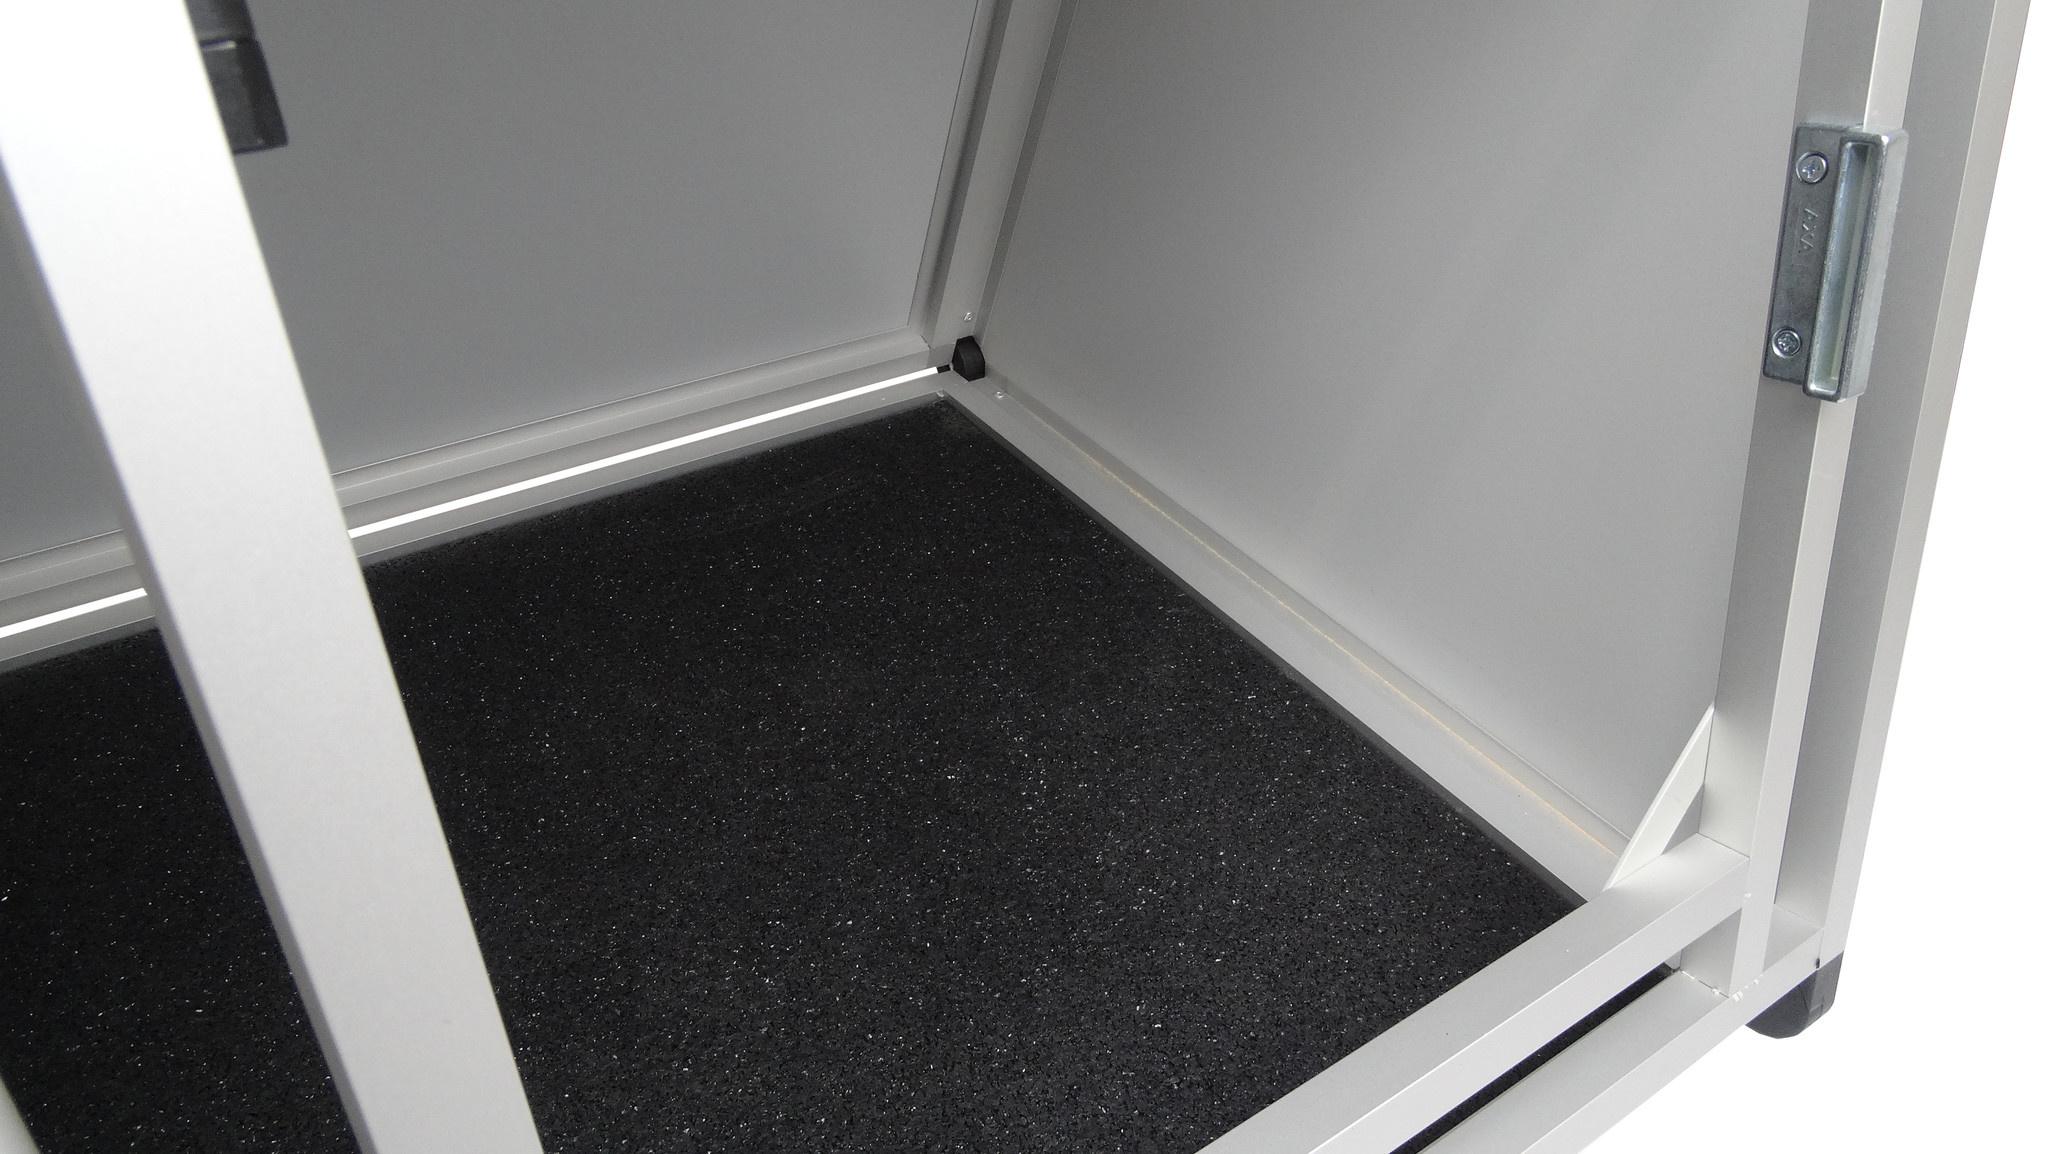 Hundos  Pro autobench aluminium S 58x75x65 cm